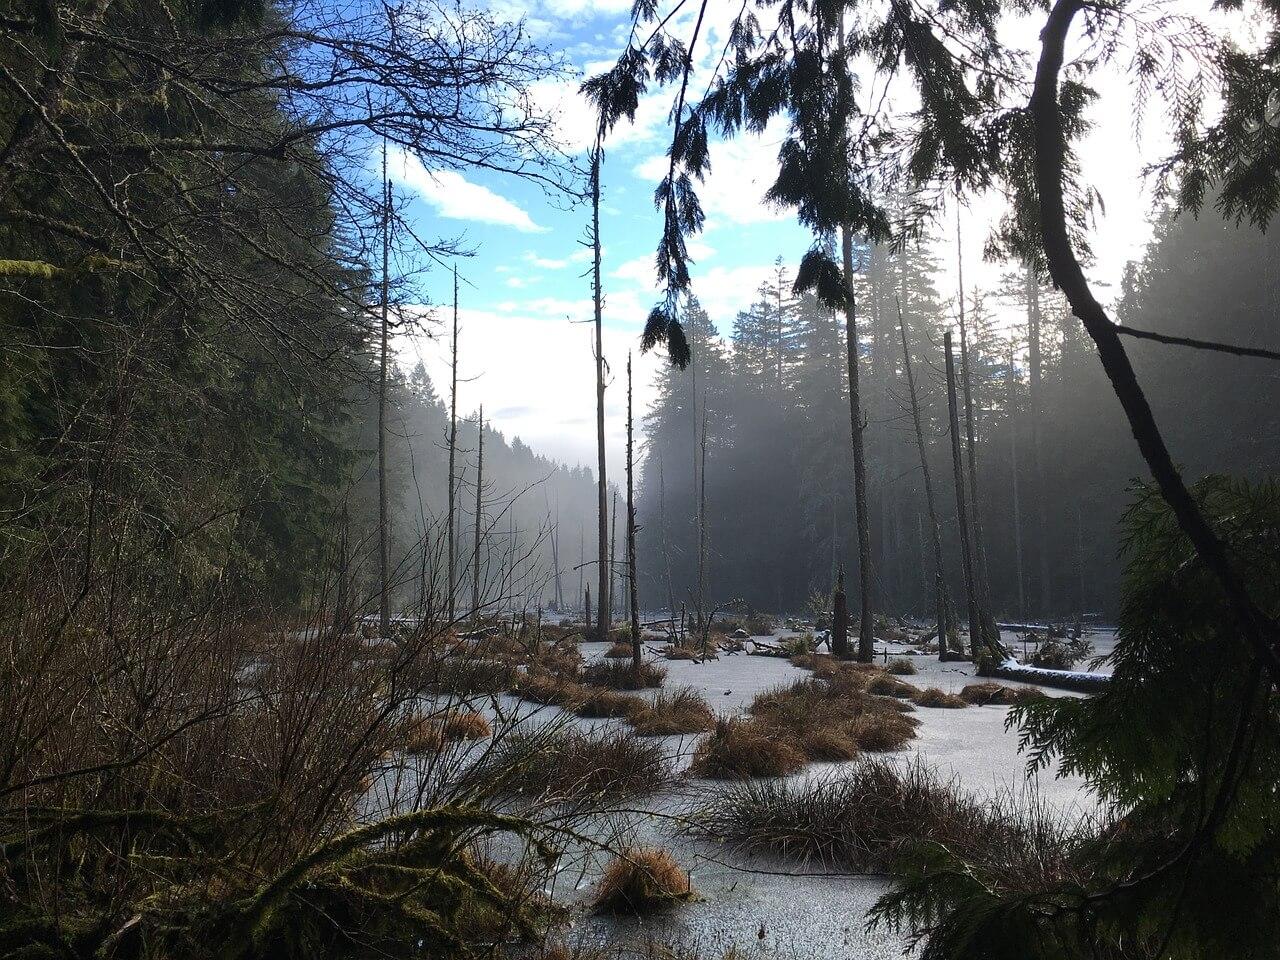 swamp-1149011_1280.jpg